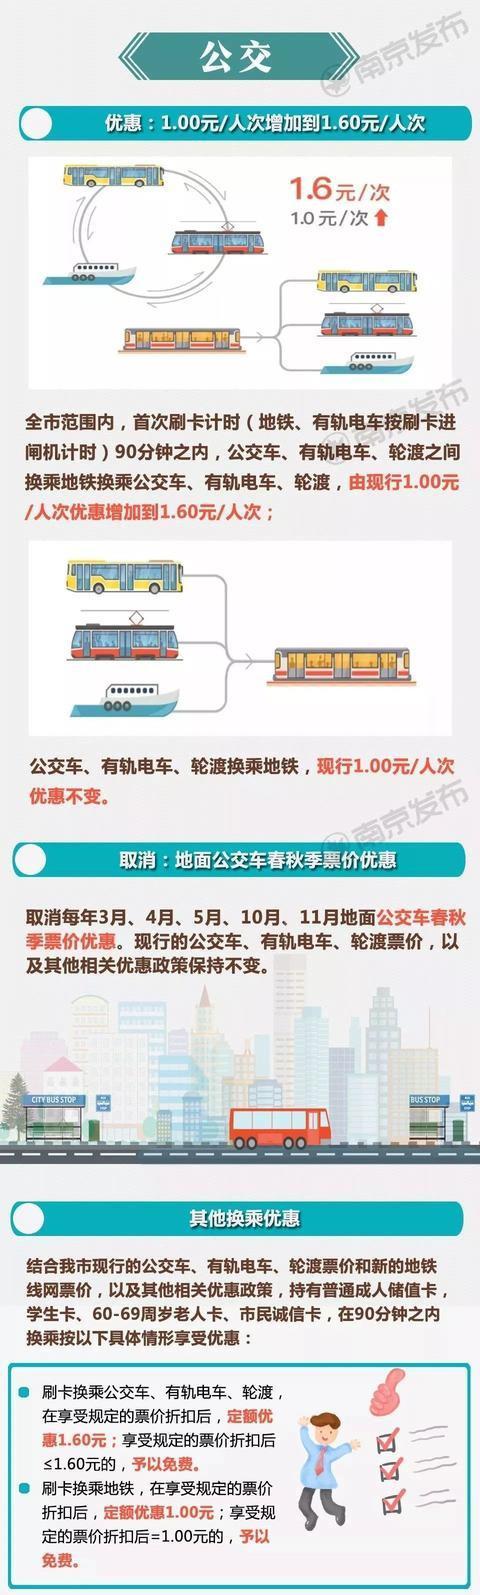 南京地鐵漲價怎么回事?南京地鐵為什么漲價漲了多少最新票價曝光